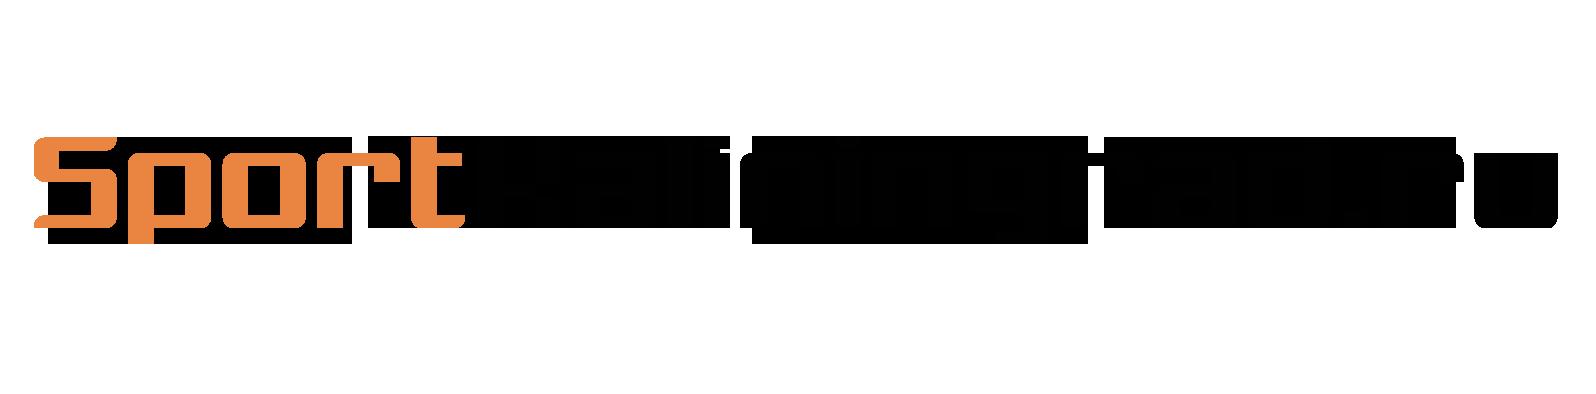 Спорт Калининград | новости о спорте в Калининграде и области | SportKaliningrad.ru | результаты, анонсы, соревнований, турниров, фото и видео